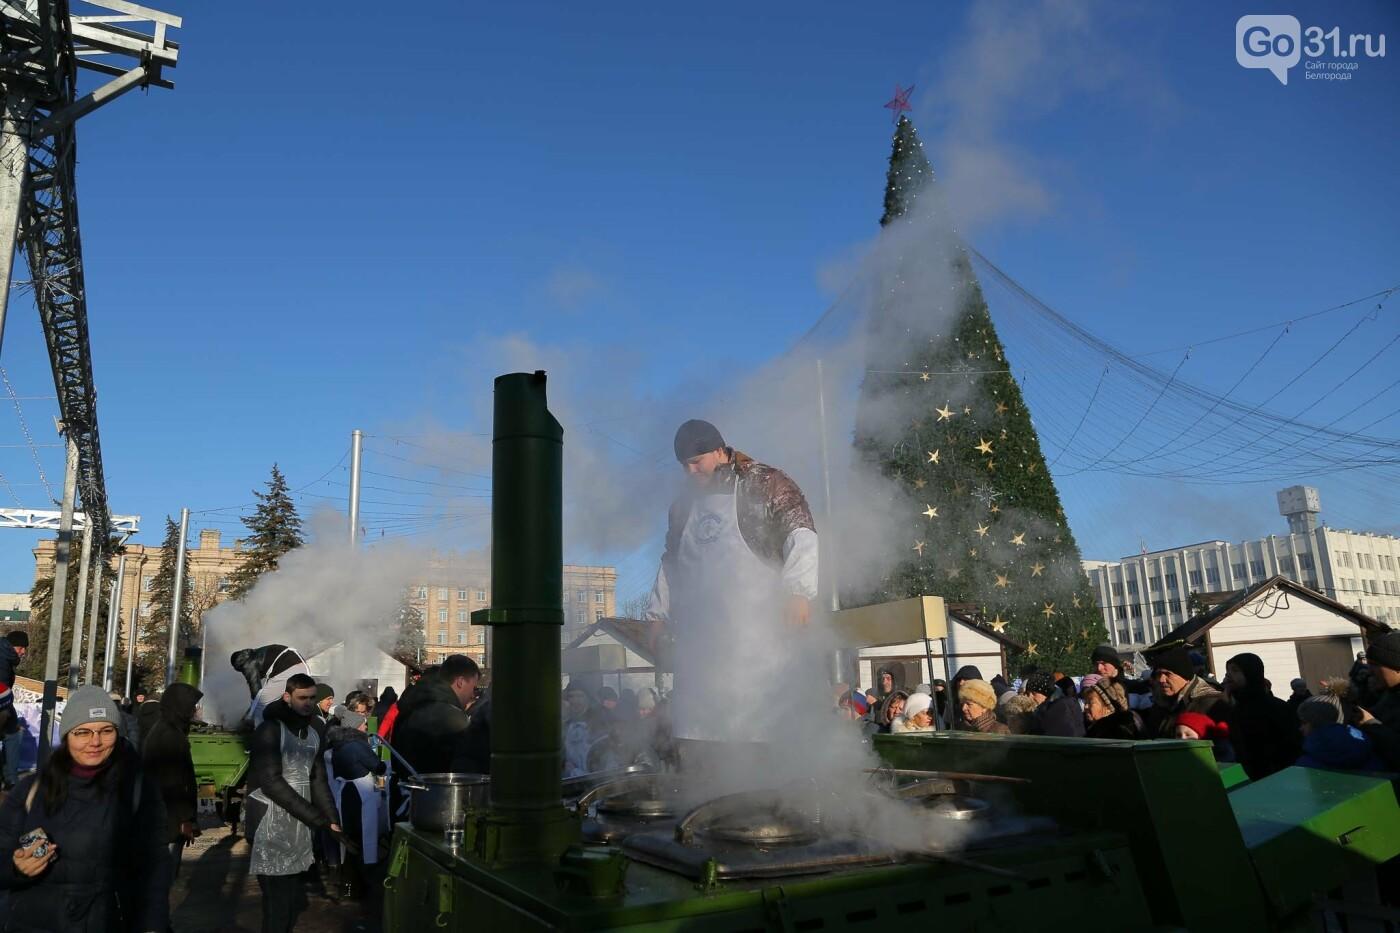 Дегустация, гастрономический парад, спецтроллейбус. В Белгороде прошёл фестиваль вареников, фото-22